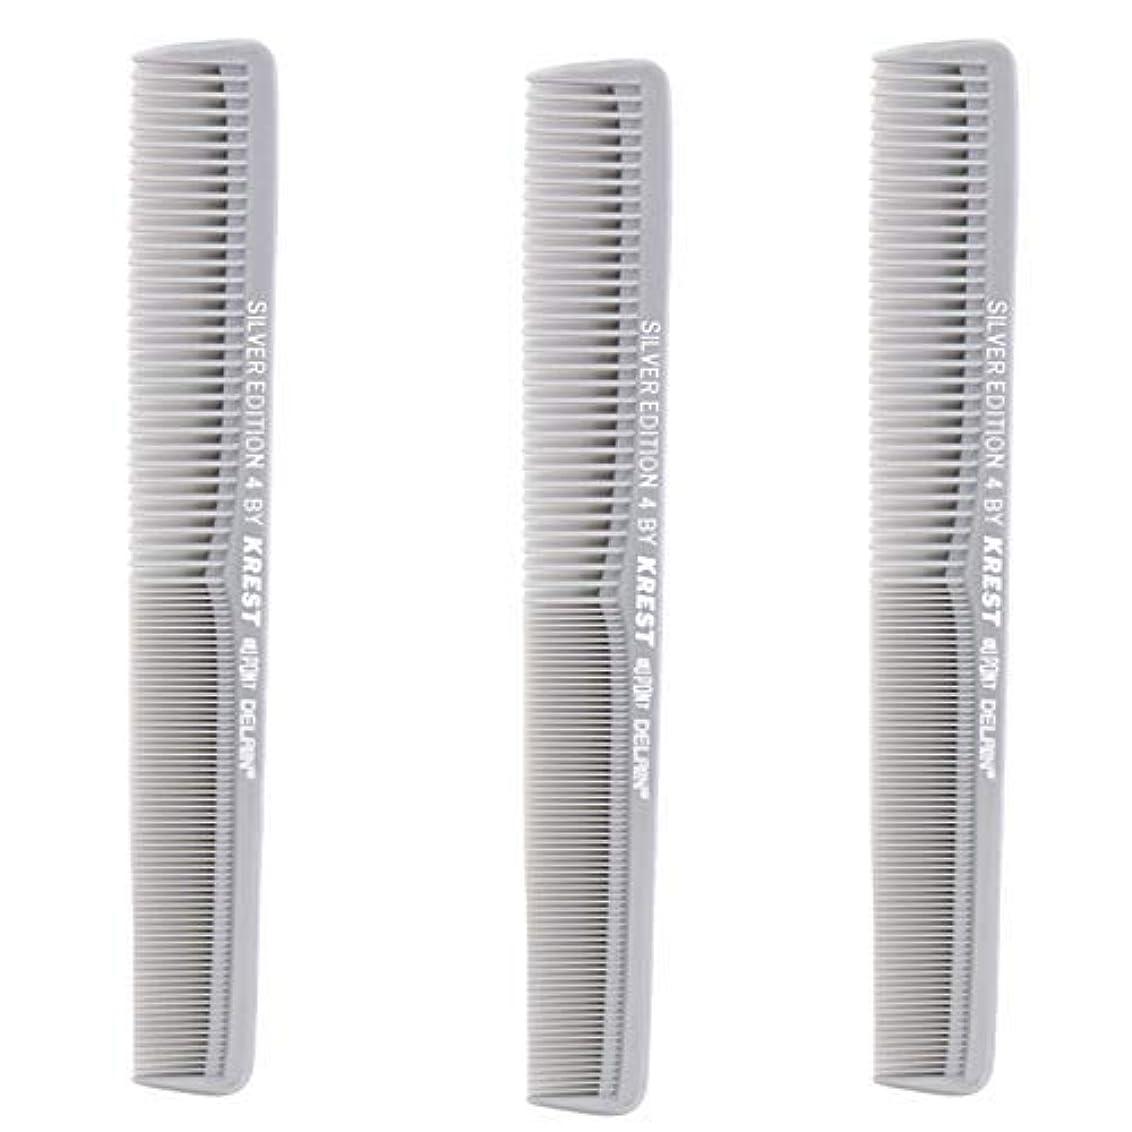 大工独占活力Krest Comb 7 In. Silver Edition Heat Resistant All Purpose Hair Comb Model #4 [並行輸入品]